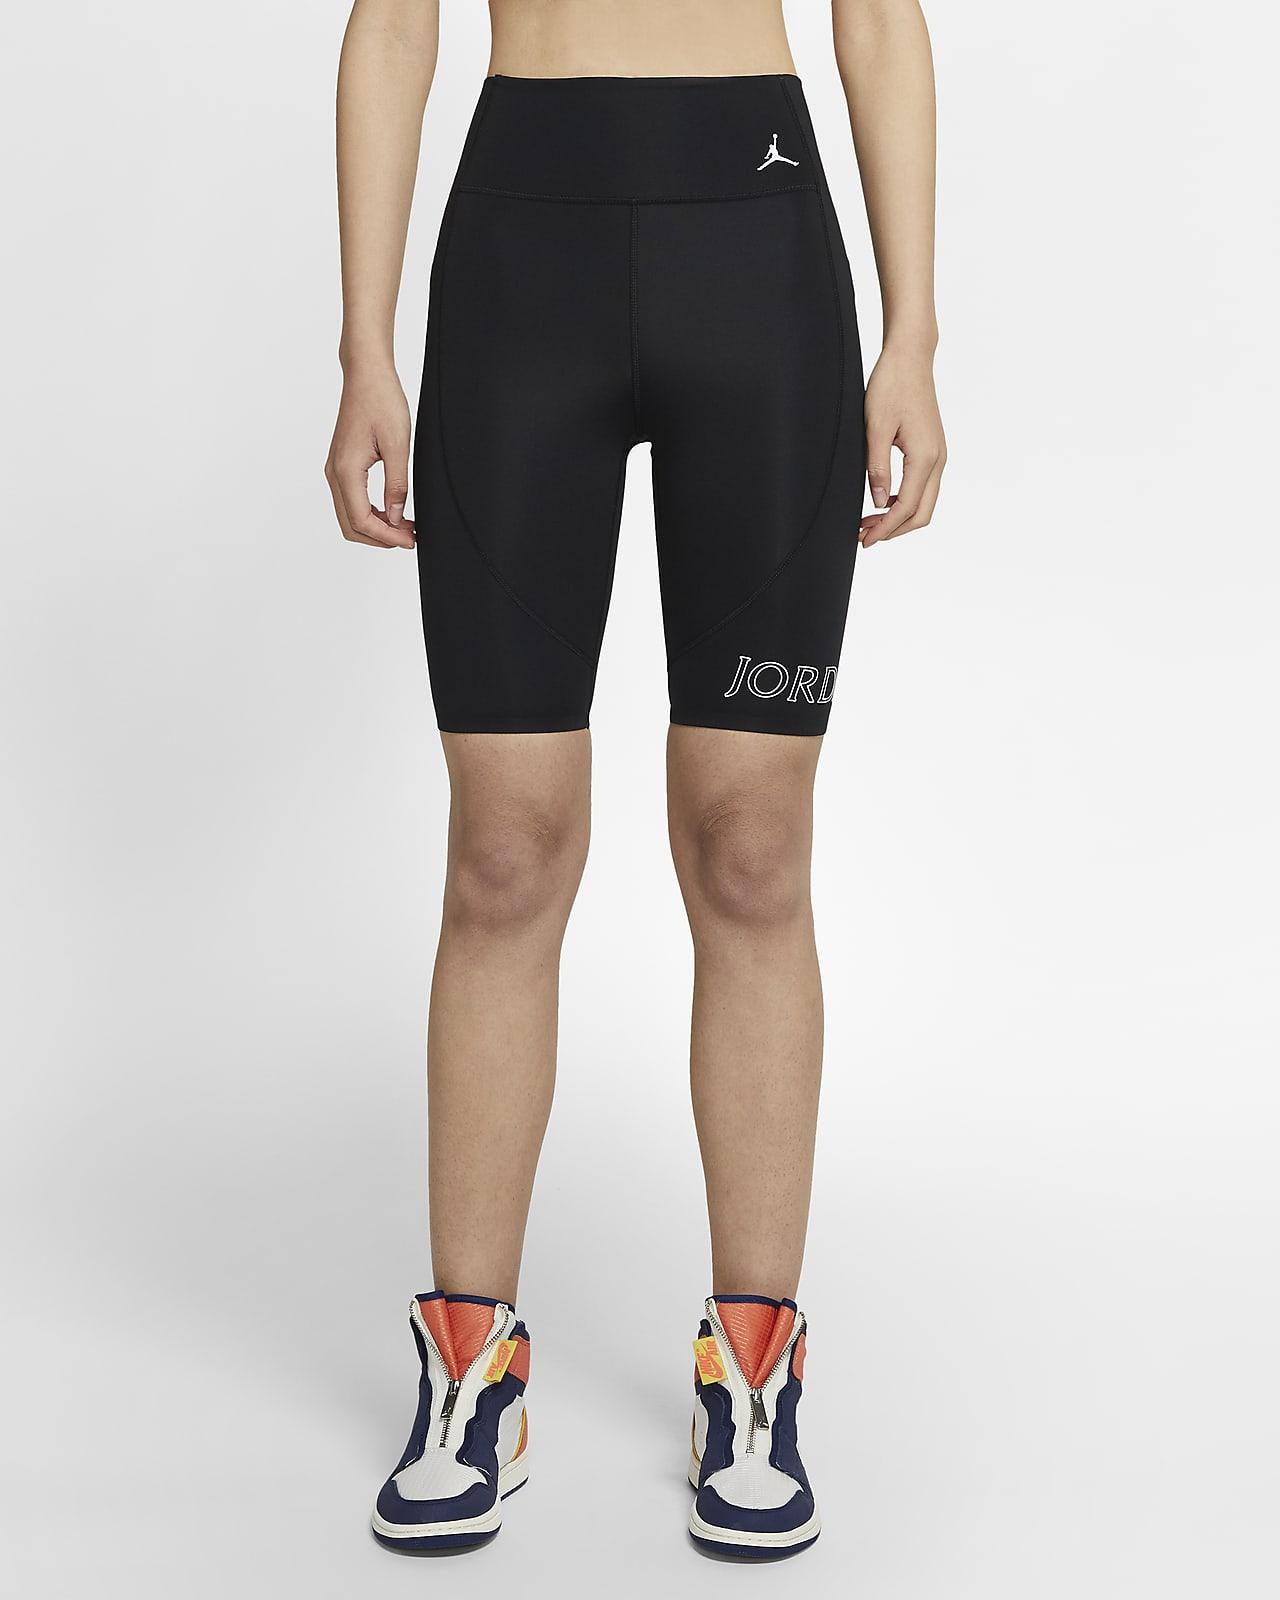 กางเกงปั่นจักรยานขาสั้นผู้หญิง Jordan Utility